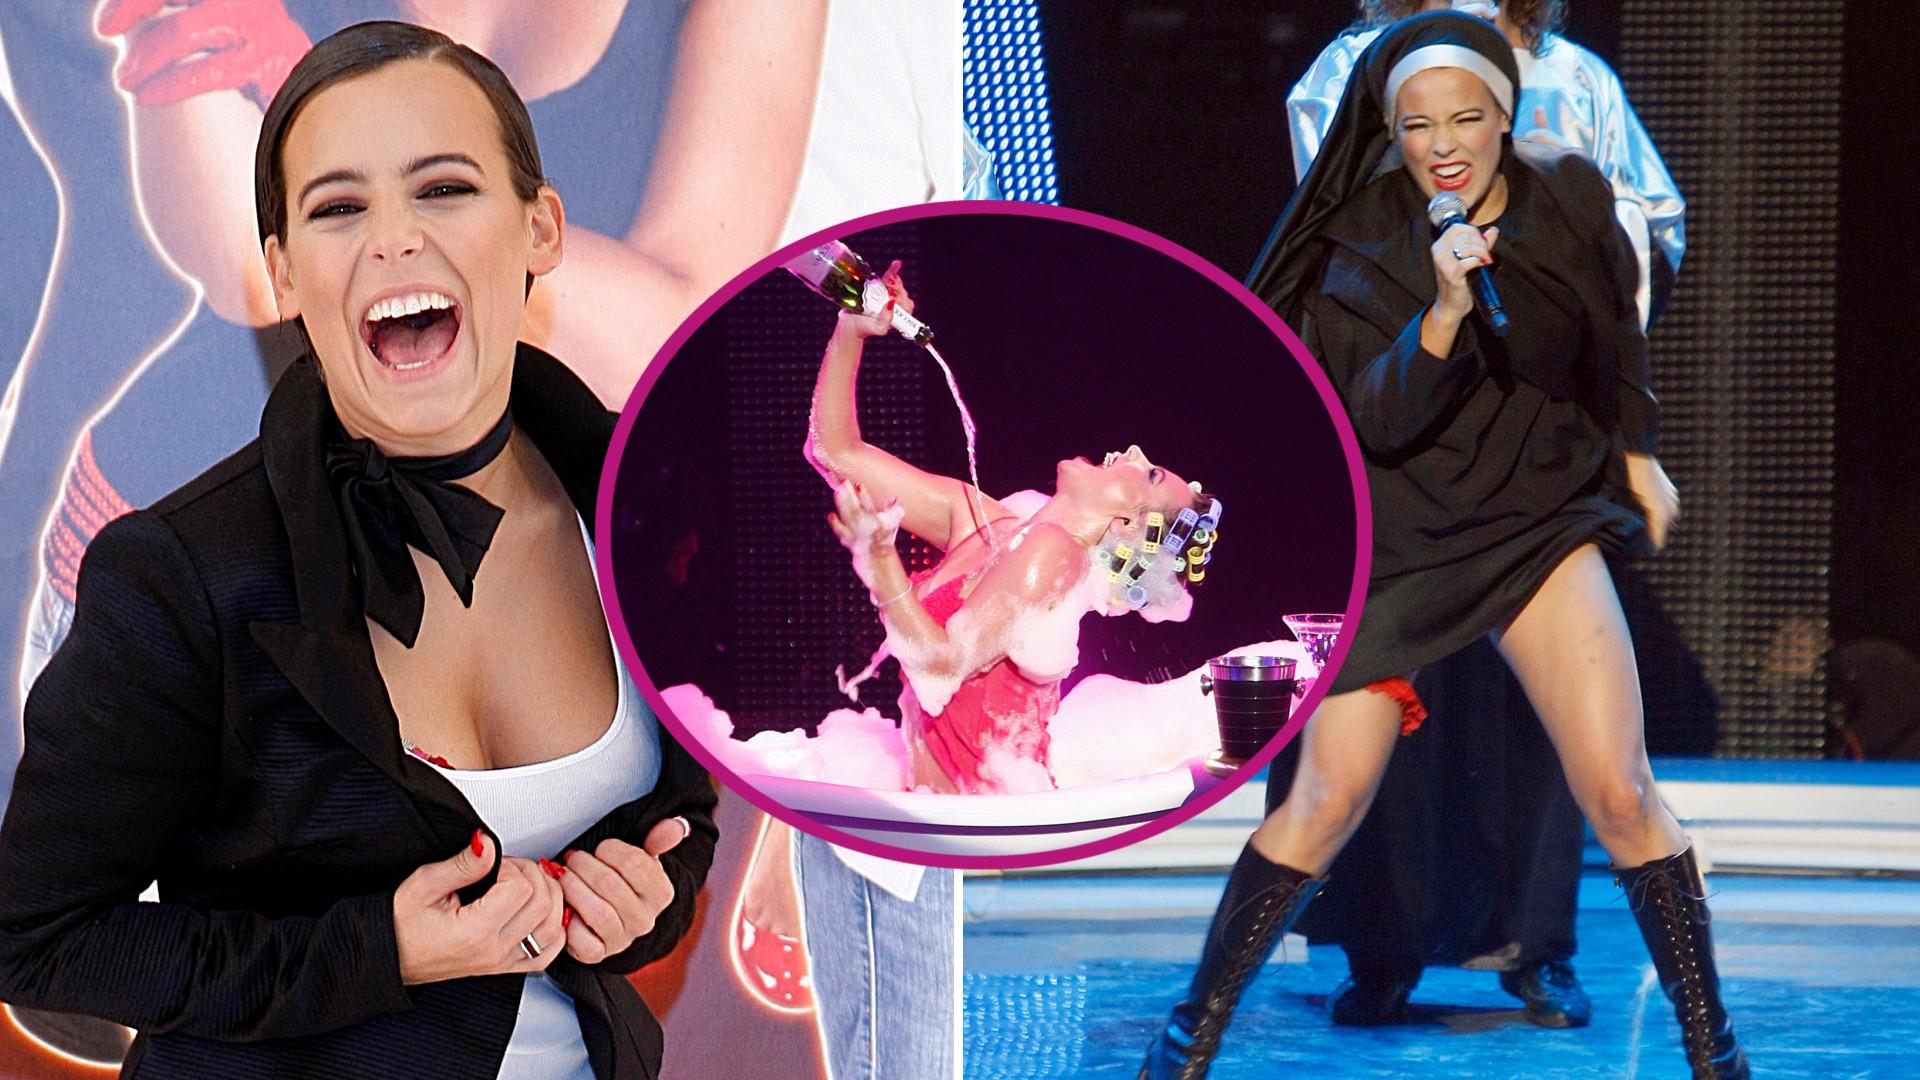 Jak ona FAŁSZOWAŁA! 12 lat temu Anna Mucha wystąpiła w Jak oni śpiewają i DAŁA CZADU (ZDJĘCIA+VIDEO)